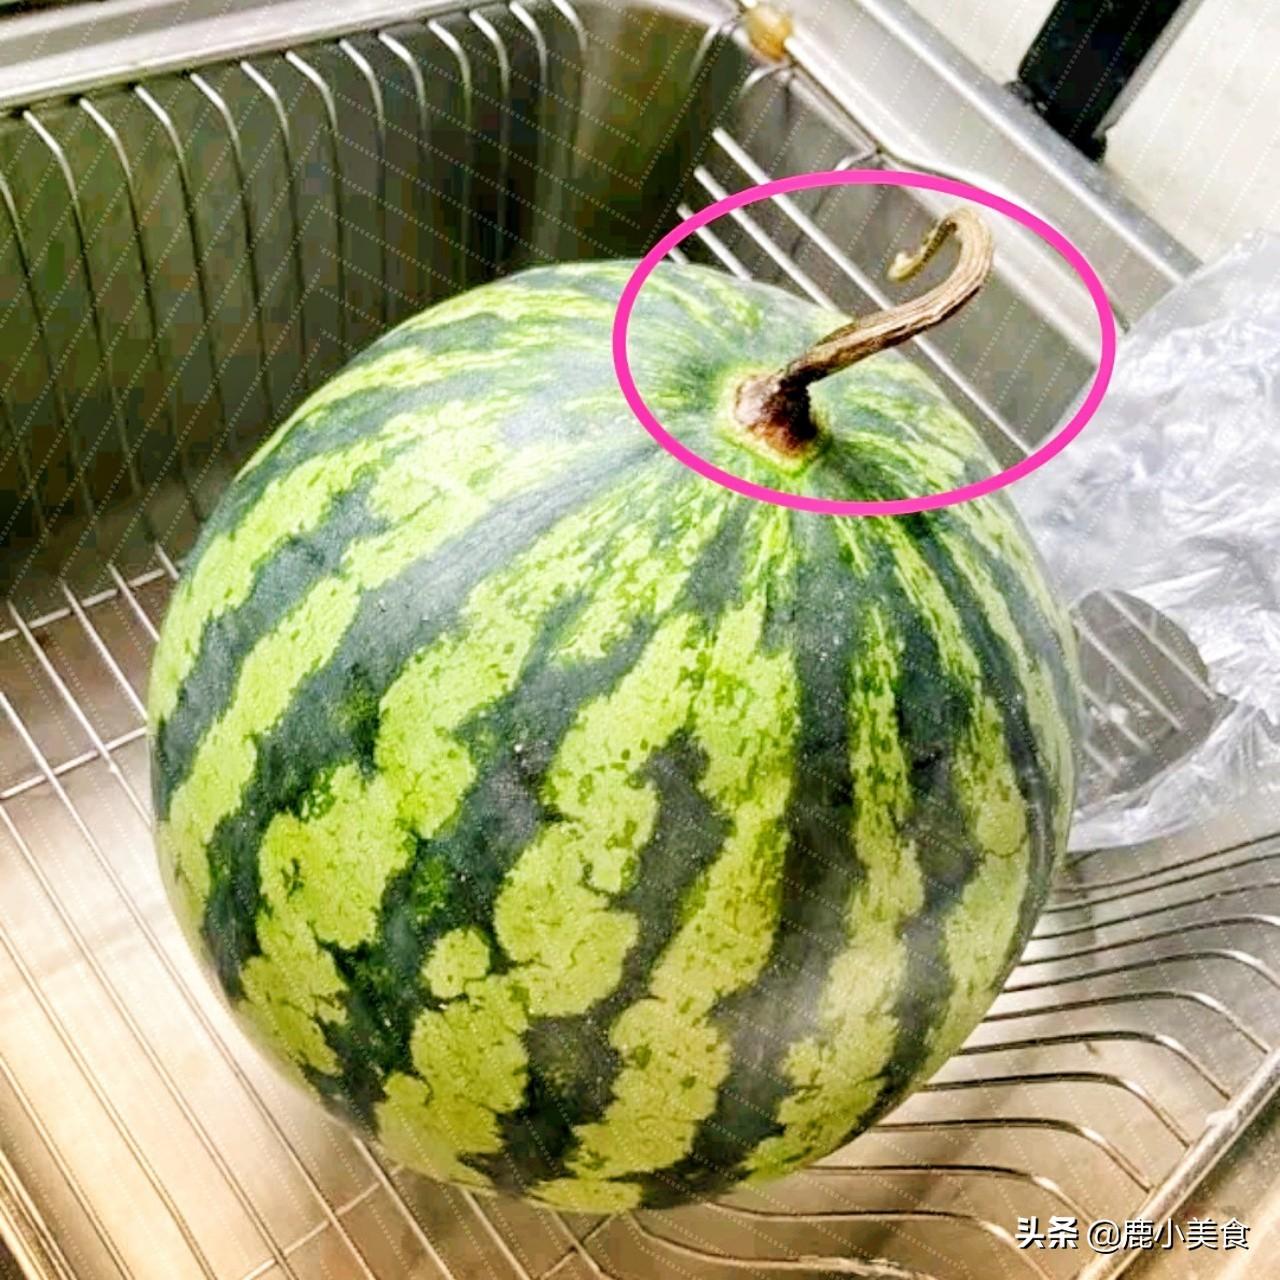 西瓜甜不甜,看4個地方! 一挑一個準,老瓜農的竅門太管用了